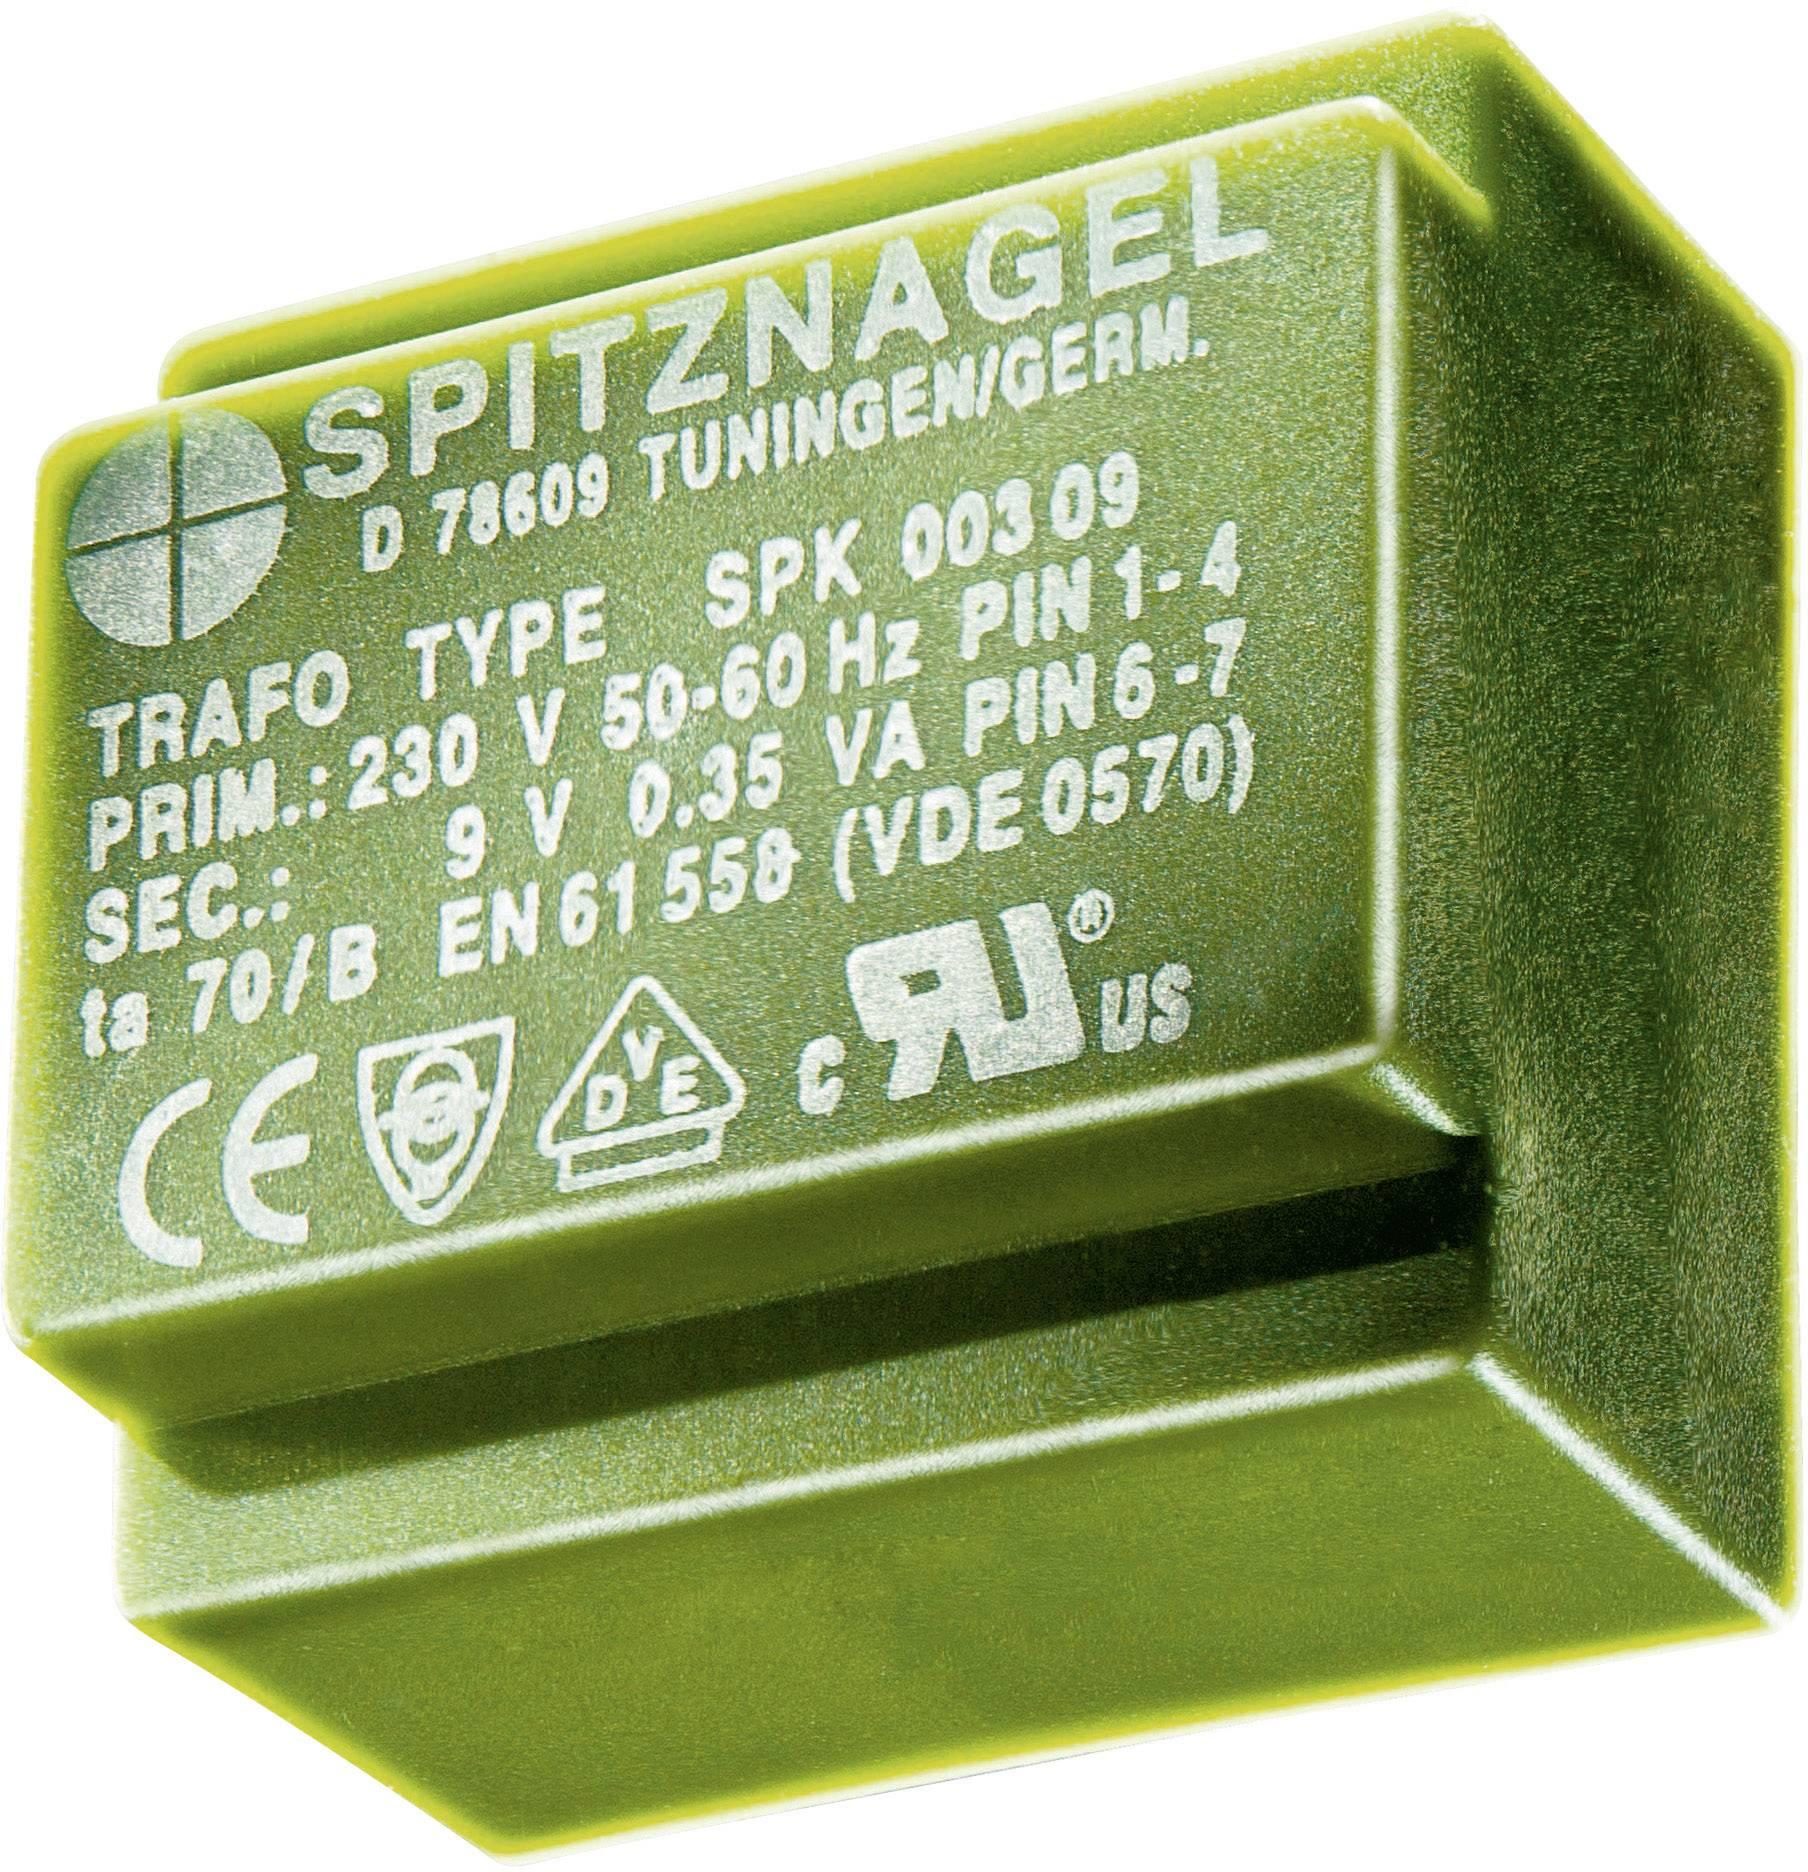 Transformátor do DPS Spitznagel El 30/15,5, 230 V / 12 V, 183 mA, 2,2 VA